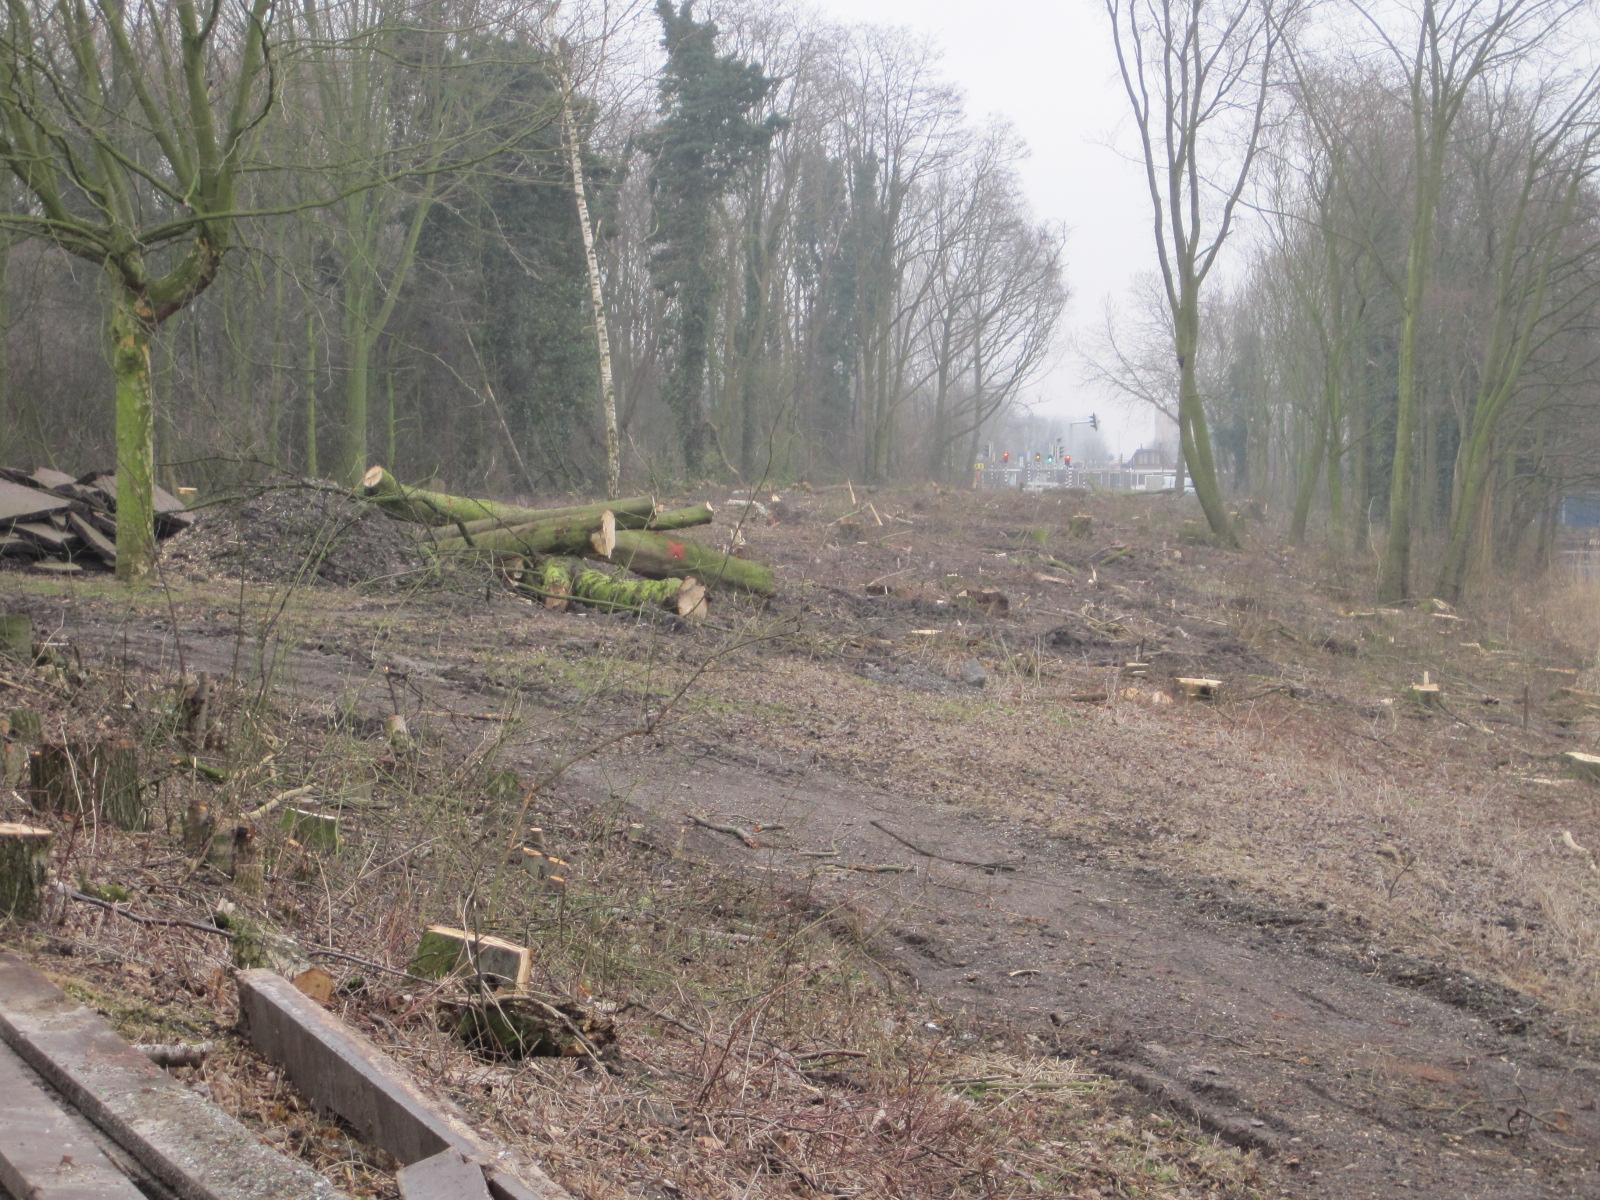 Kaalslag-bonairepark-ii-februari-2012